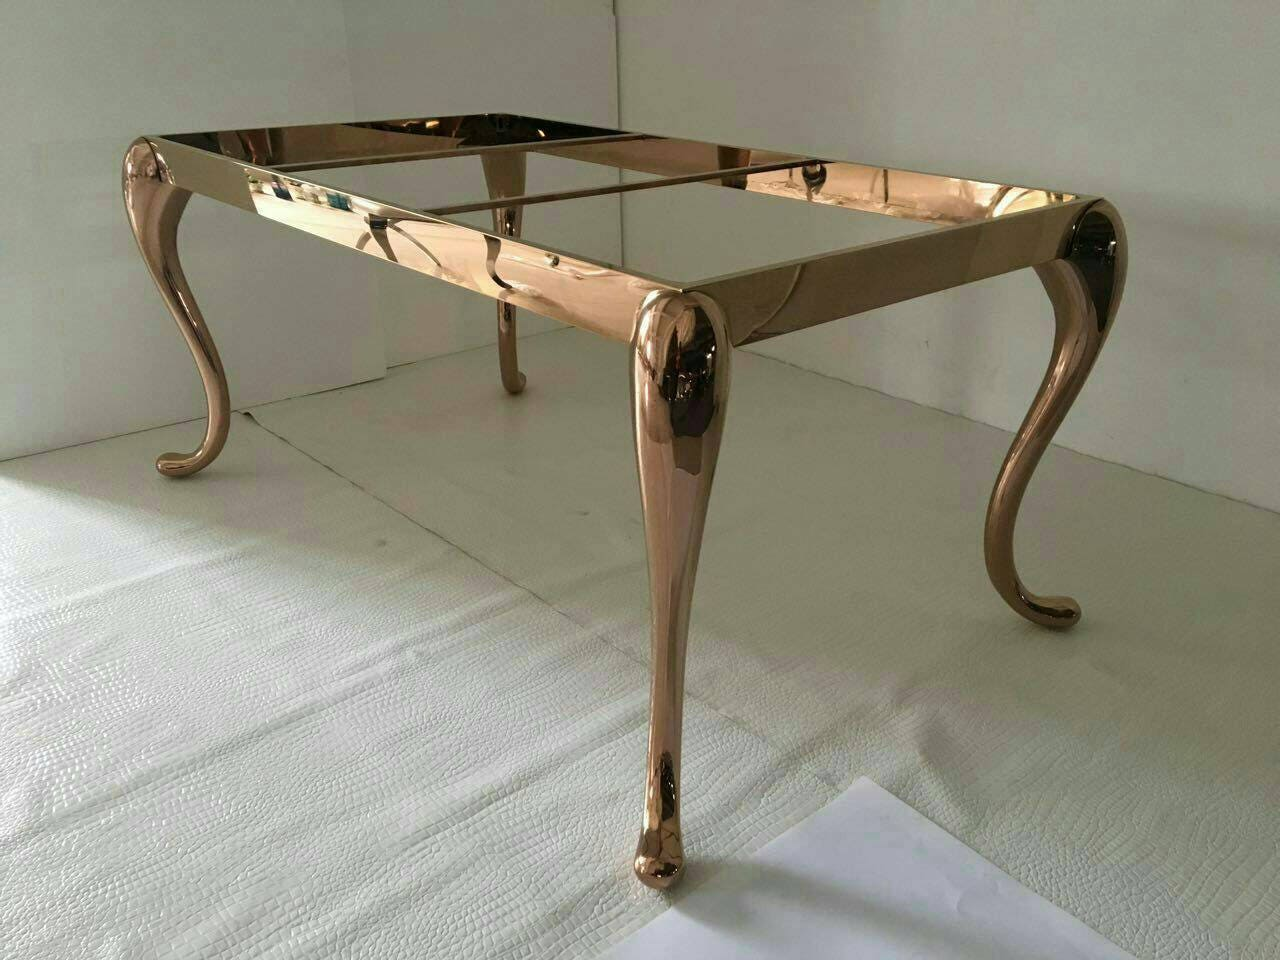 Metall Esstisch Tischbeine zum Verkauf massivem Rose Gold | Etsy